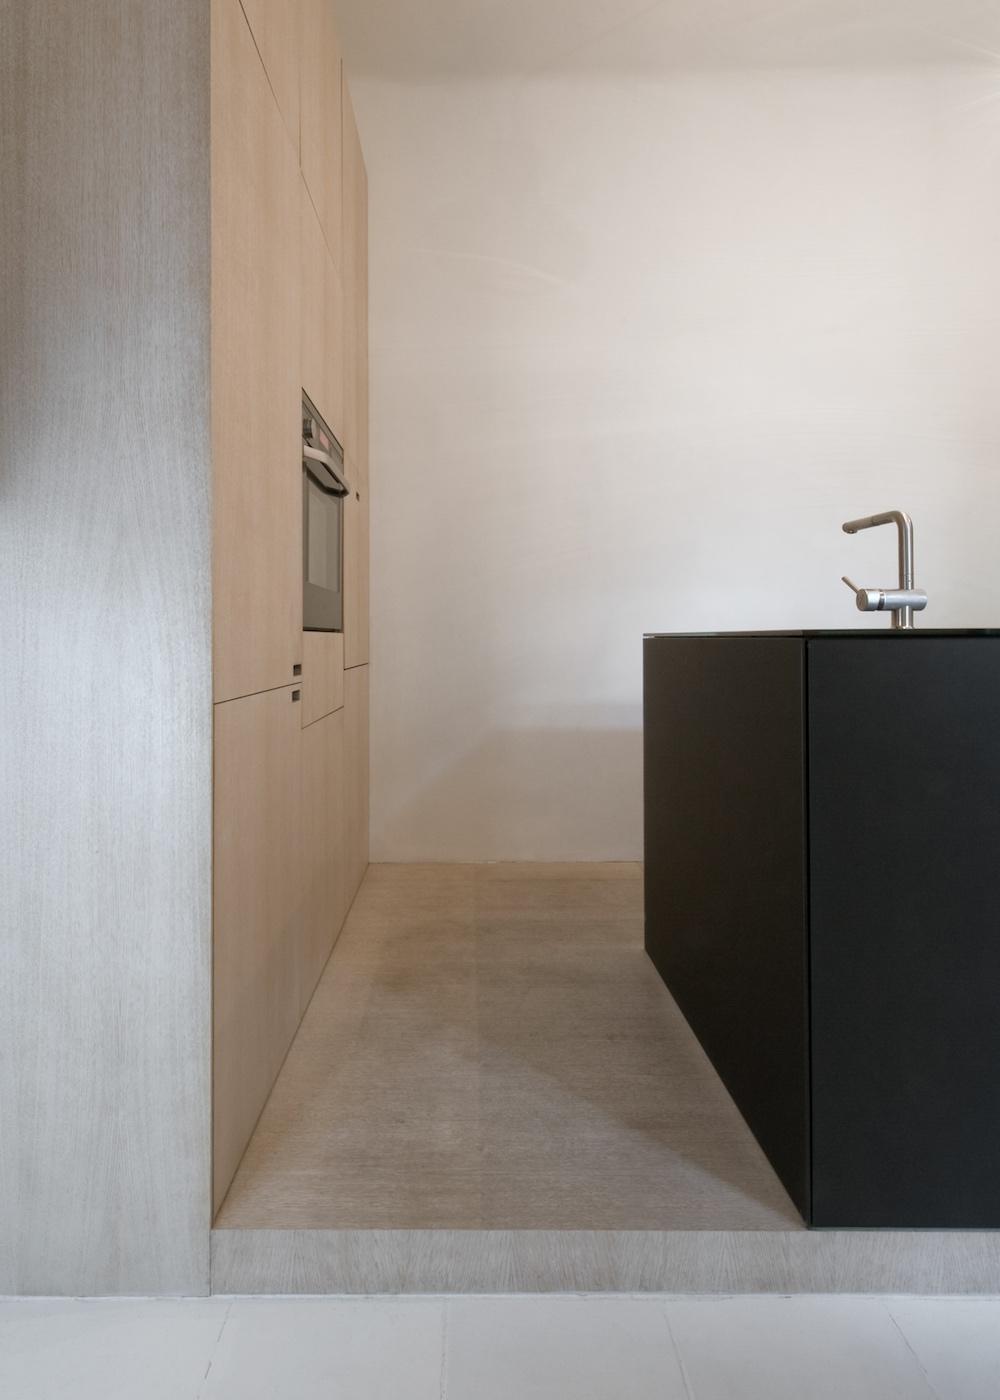 Kueche Josefstadt (c) Alexander Koller / GOOS Architekten